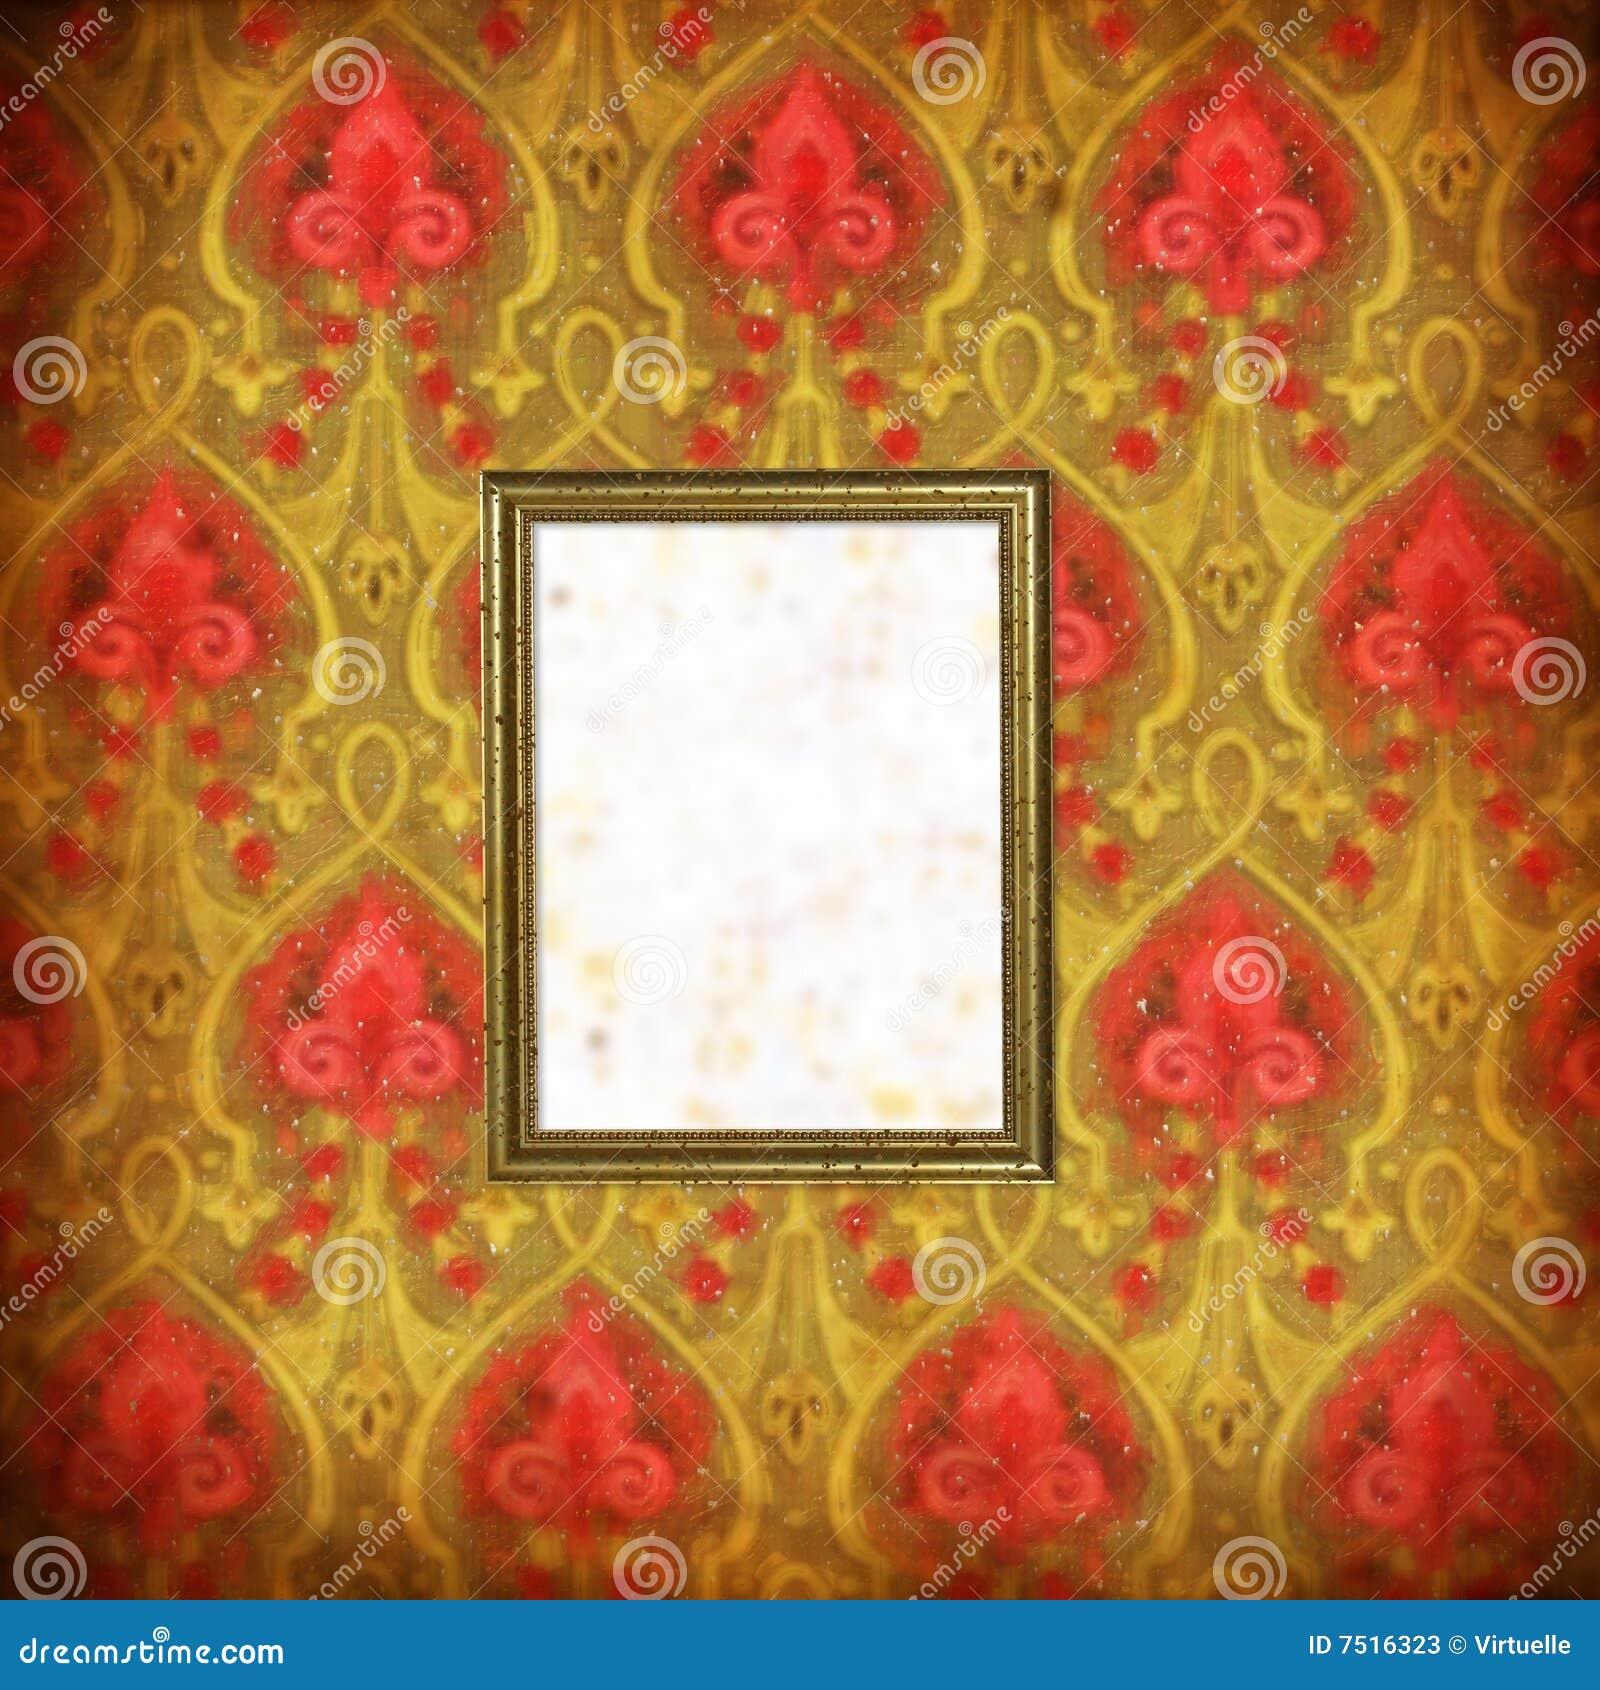 papier peint avec les souillures et le cadre de tableau image stock image du rose fantaisie. Black Bedroom Furniture Sets. Home Design Ideas